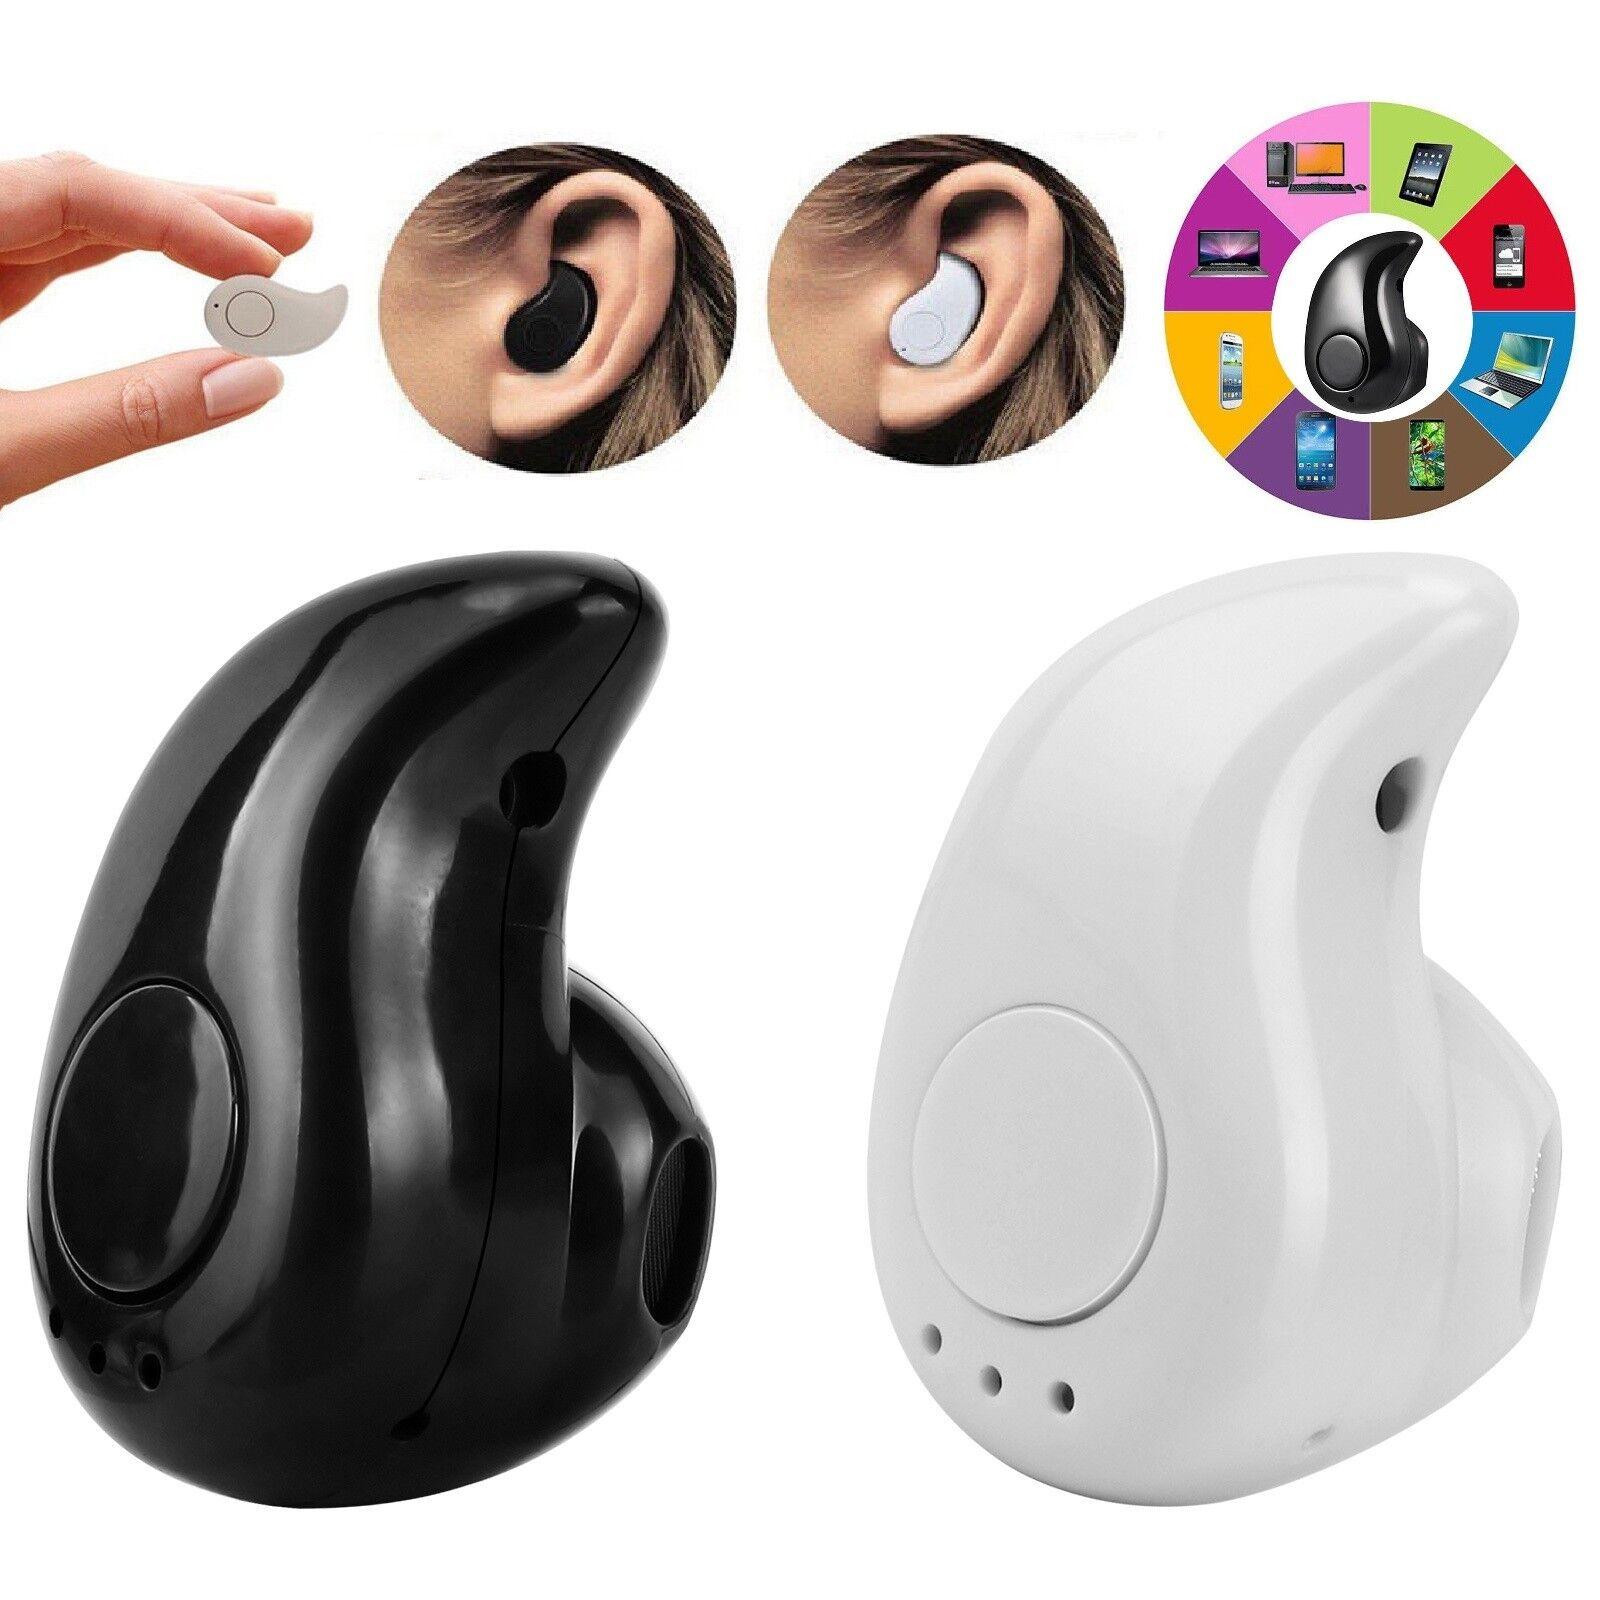 Mini Wireless Bluetooth Earbuds In-Ear Stereo Earphones Sport Headset